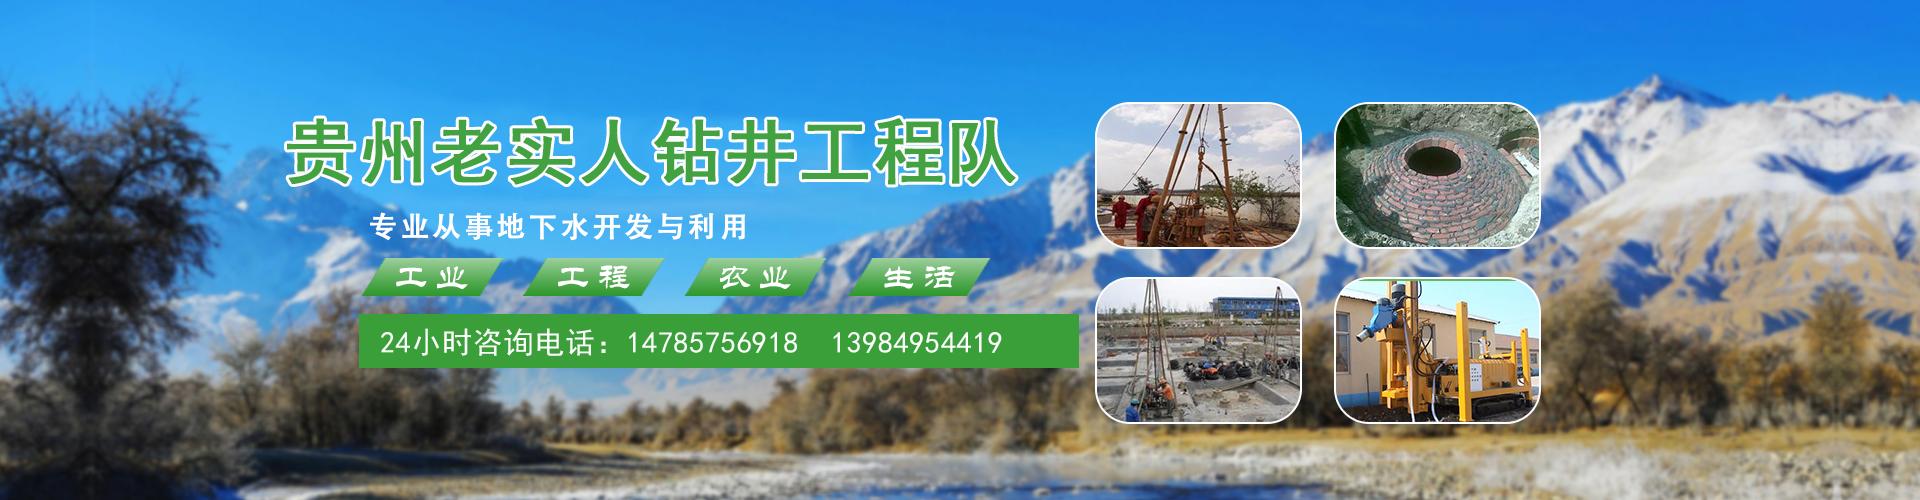 贵州老实人钻井工程队